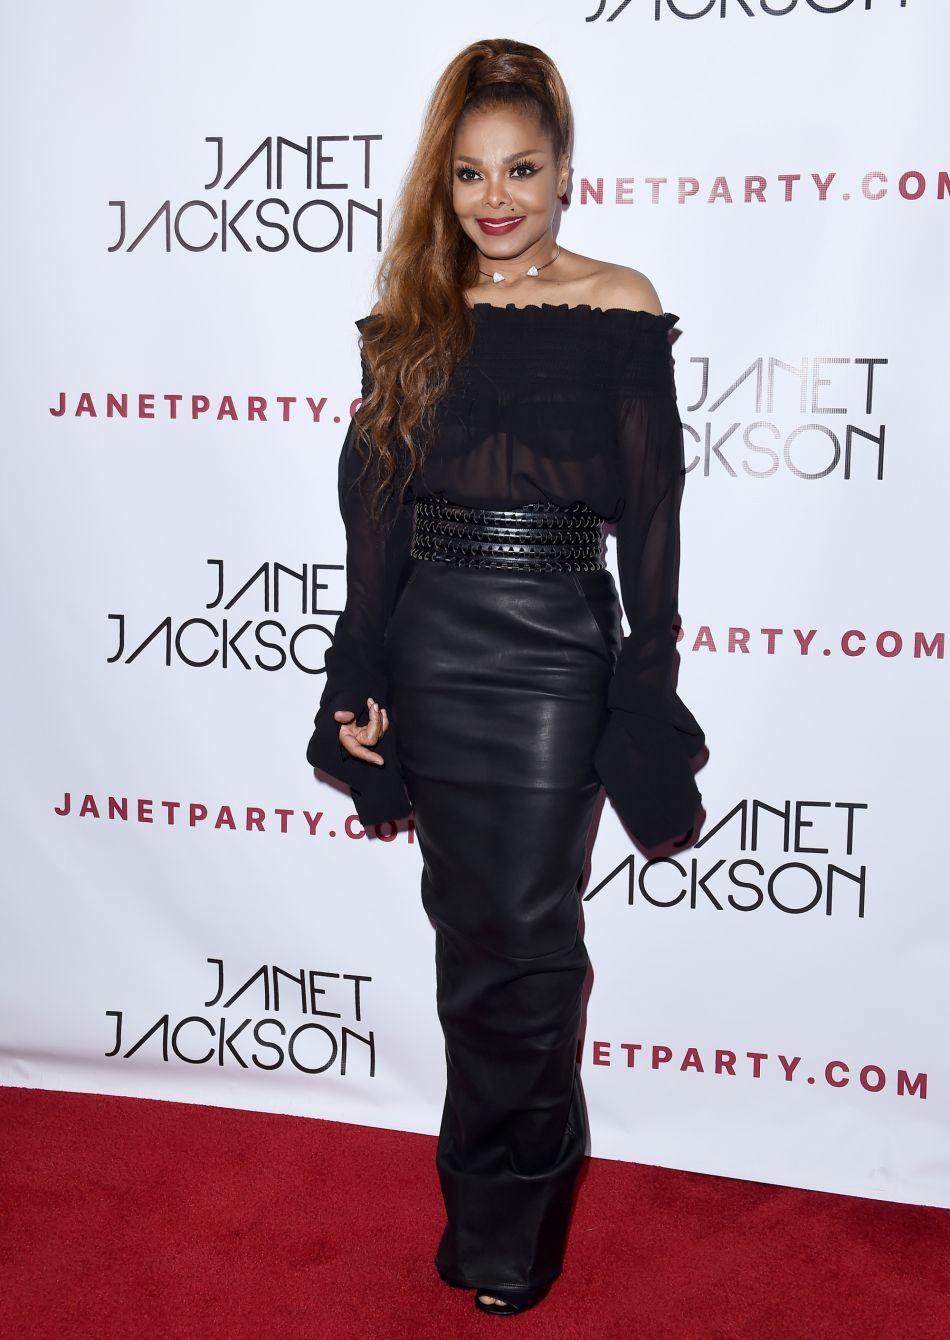 Janet Jackson, comme elle a perdu du poids